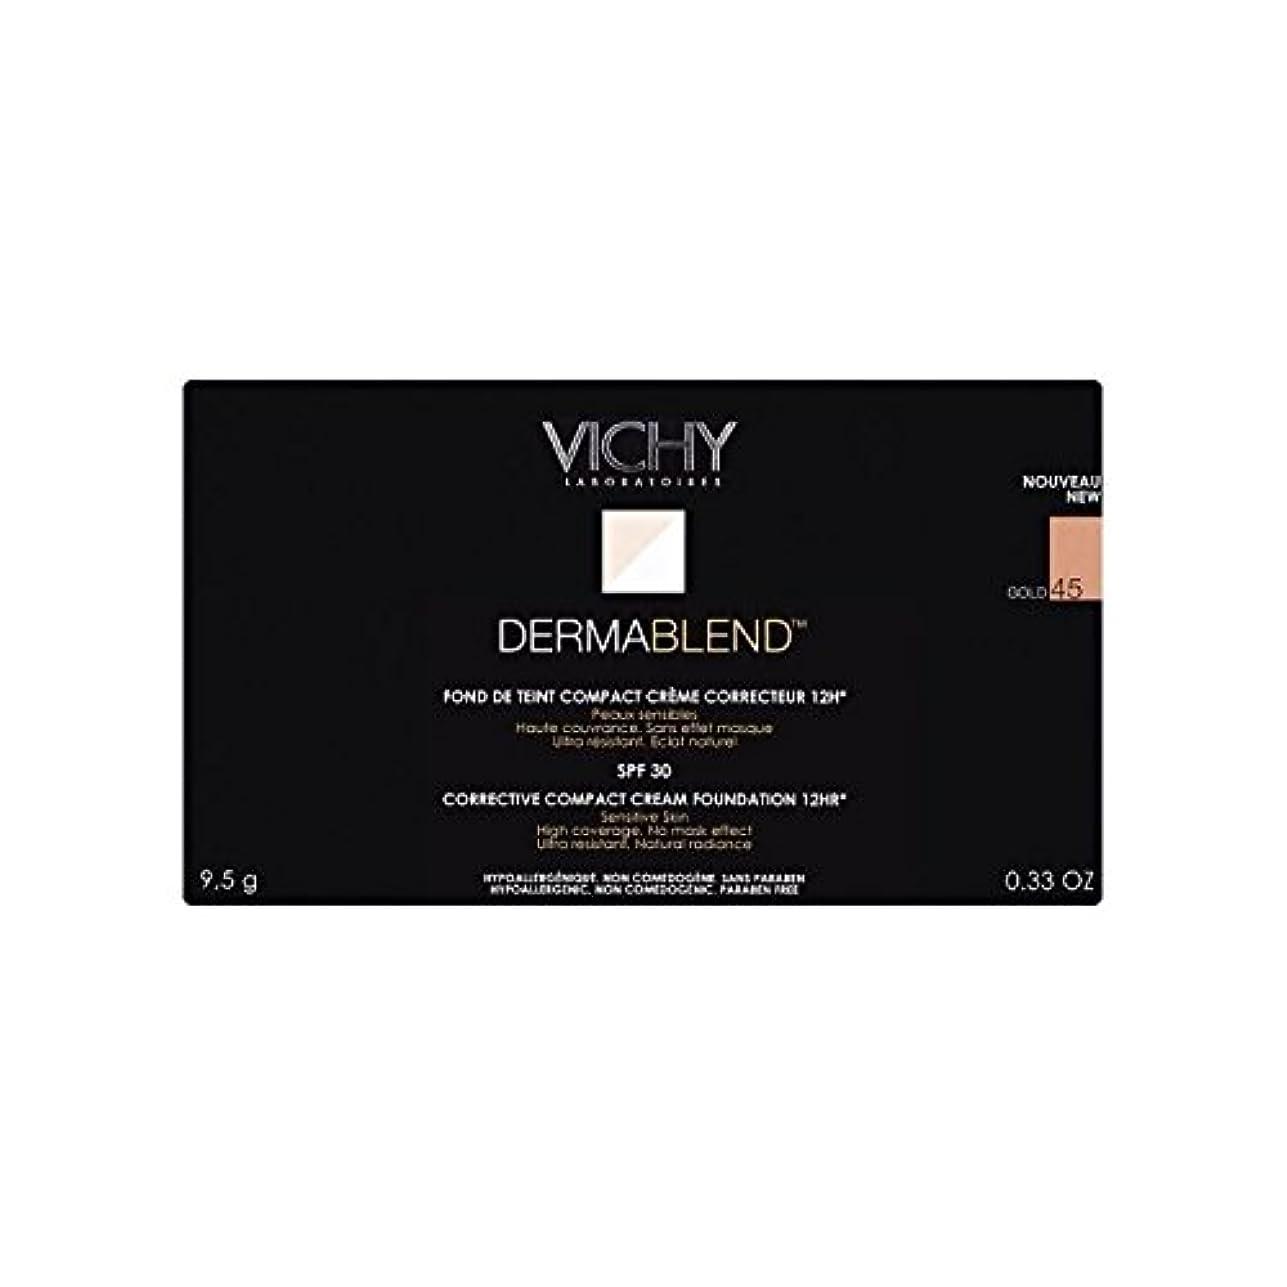 伝記治療疎外Vichy Dermablend Corrective Compact Cream Foundation Gold 45 - ヴィシー是正コンパクトクリームファンデーション金45 [並行輸入品]